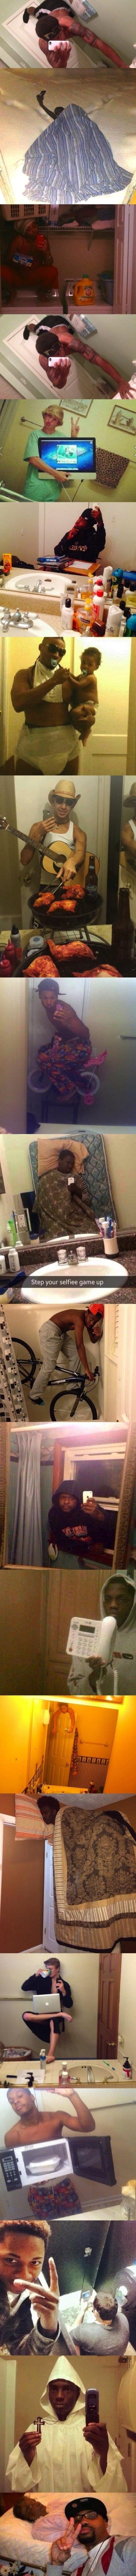 funny-meme-best-selfies-ever